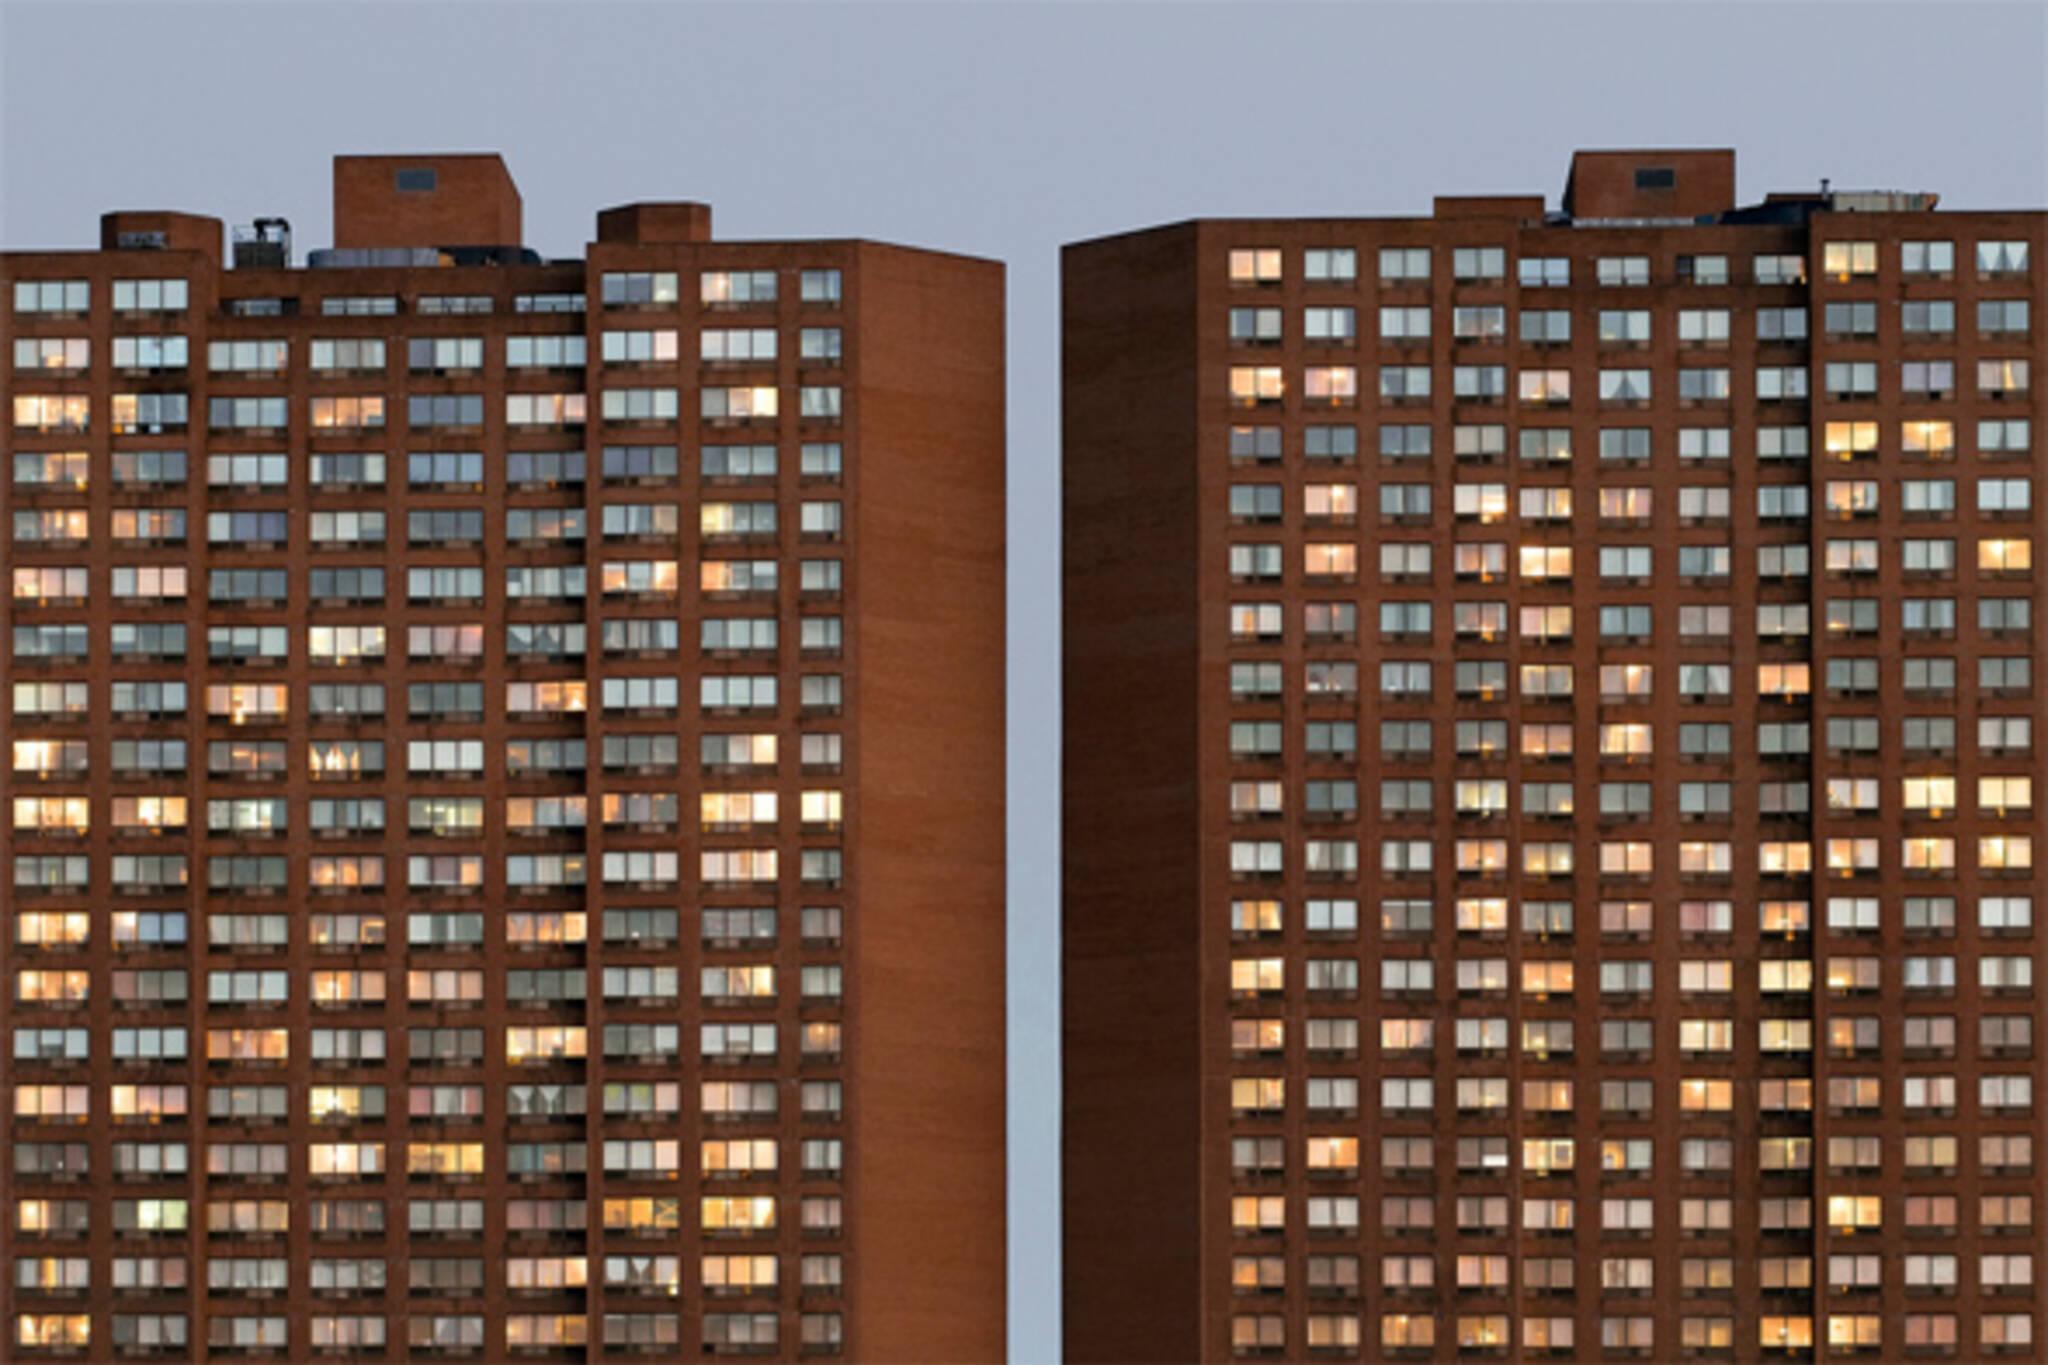 Toronto rent